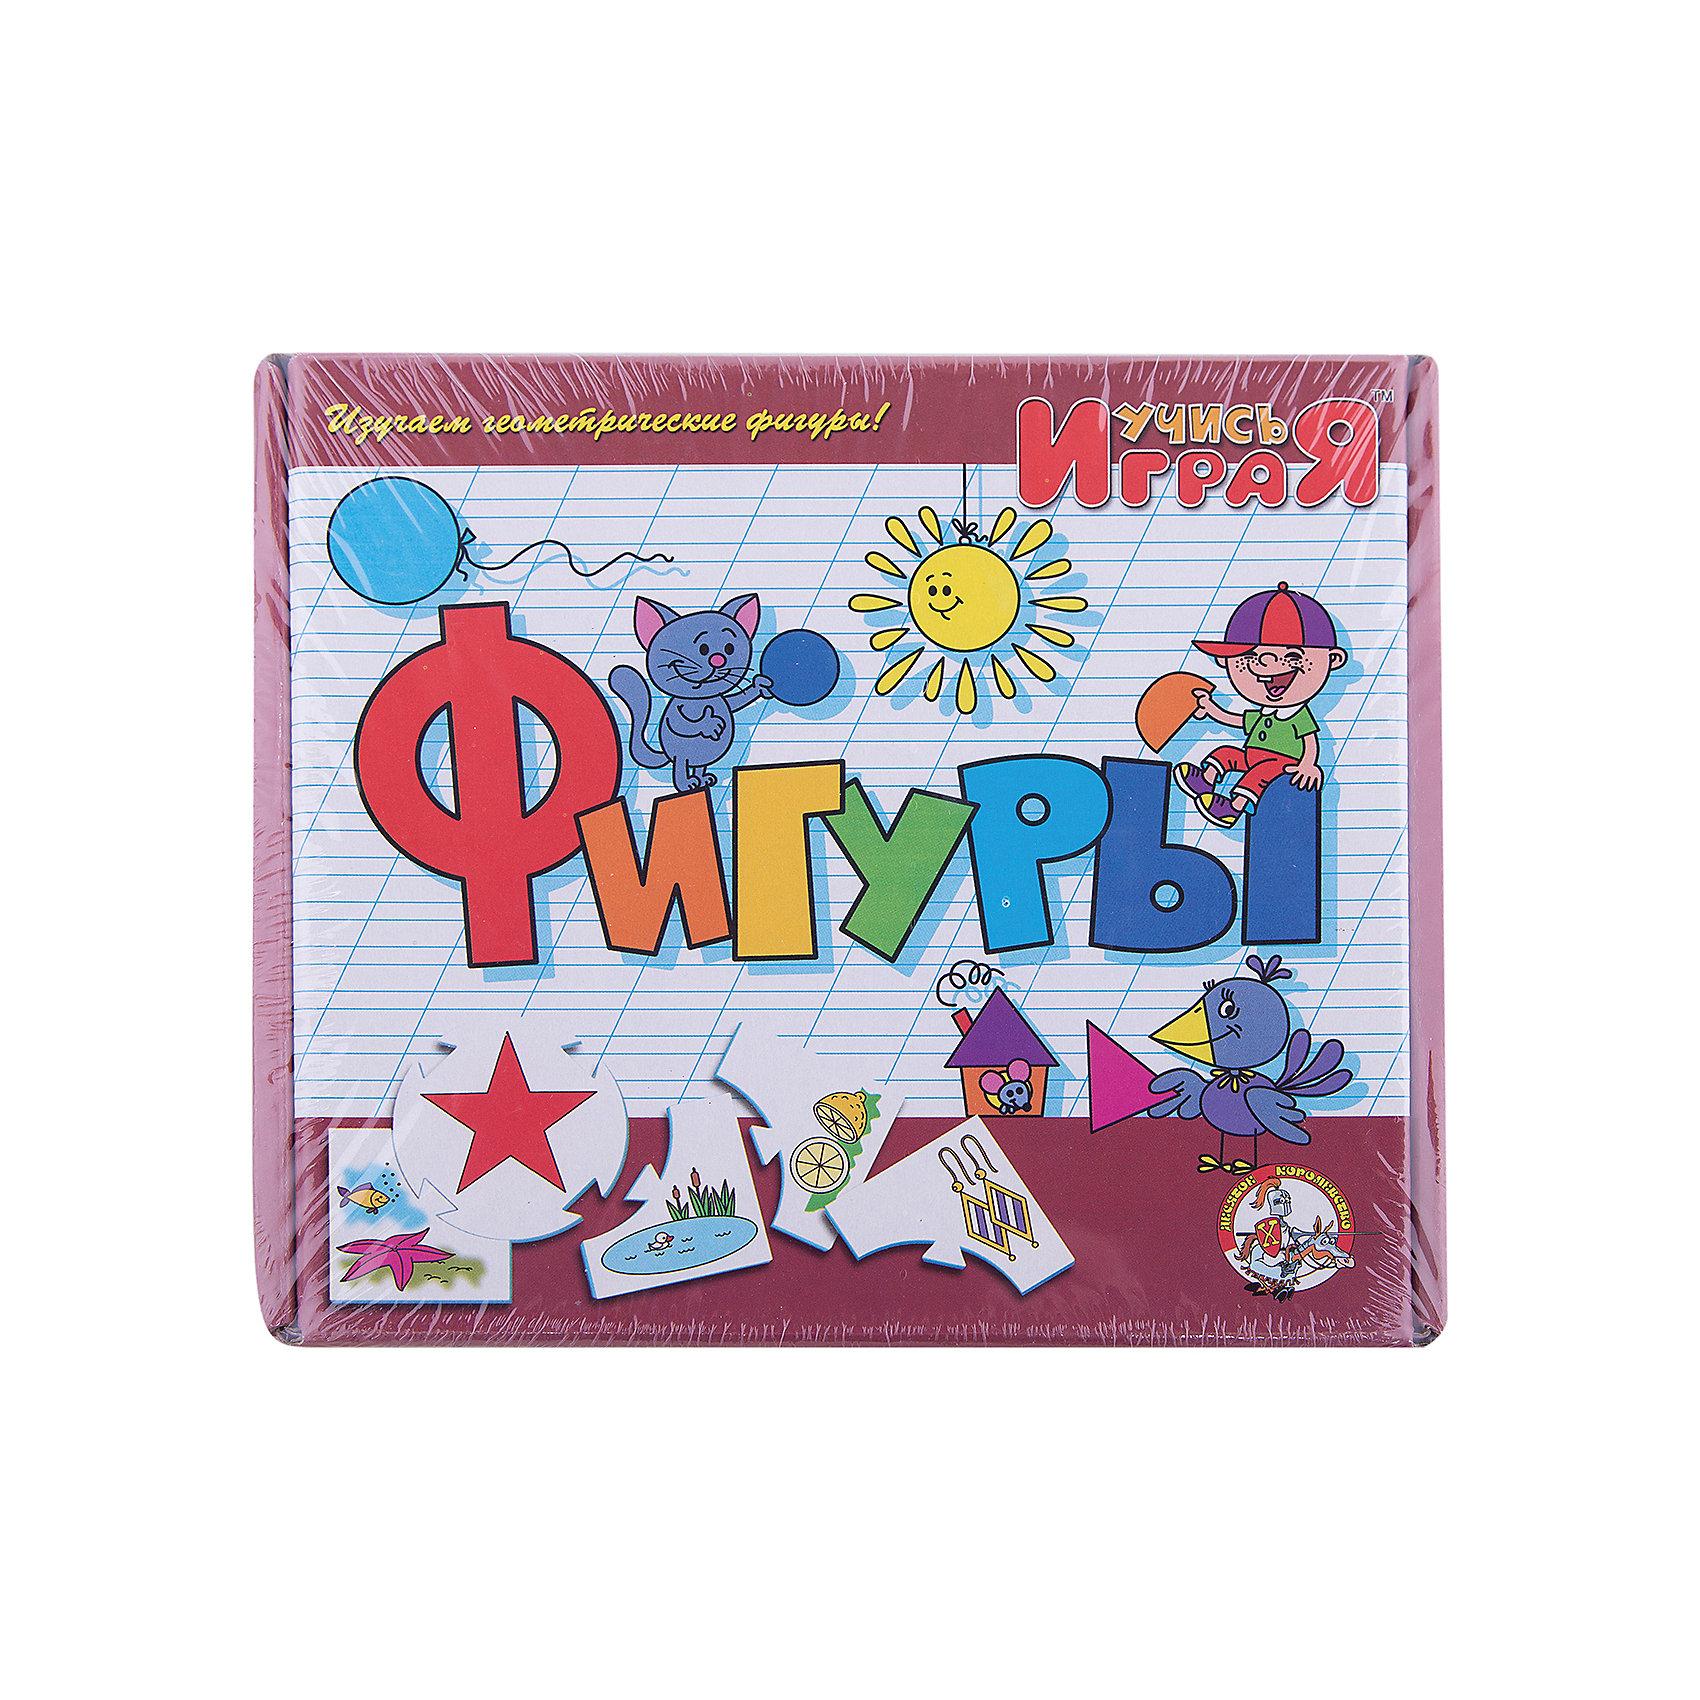 Игра обучающая  Фигуры, Десятое королевствоРазвивающие игры<br>Игра обучающая Фигуры, Десятое королевство<br><br>Характеристики:<br><br>• Возраст: от 3 лет<br>• Количество игроков: от 1 до 10<br>• В комплекте: 10 карточек заданий, 4 карточки с ответами<br><br>В этой увлекательной обучающей игре могут участвовать одновременно от 1 до 10 детей! В наборе содержатся 10 карточек-заданий, на которых изображены рисунки по теме «фигуры». К каждой необходимо найти 4 карточки-ответа, чтобы дополнить их содержание. В процессе игры дети исследуют разнообразные фигуры и запоминают их, работают над мелкой моторикой и расширяют свои знания и представления об окружающем мире.<br><br>Игра обучающая Фигуры, Десятое королевство можно купить в нашем интернет-магазине.<br><br>Ширина мм: 230<br>Глубина мм: 200<br>Высота мм: 35<br>Вес г: 240<br>Возраст от месяцев: 84<br>Возраст до месяцев: 2147483647<br>Пол: Унисекс<br>Возраст: Детский<br>SKU: 5471682